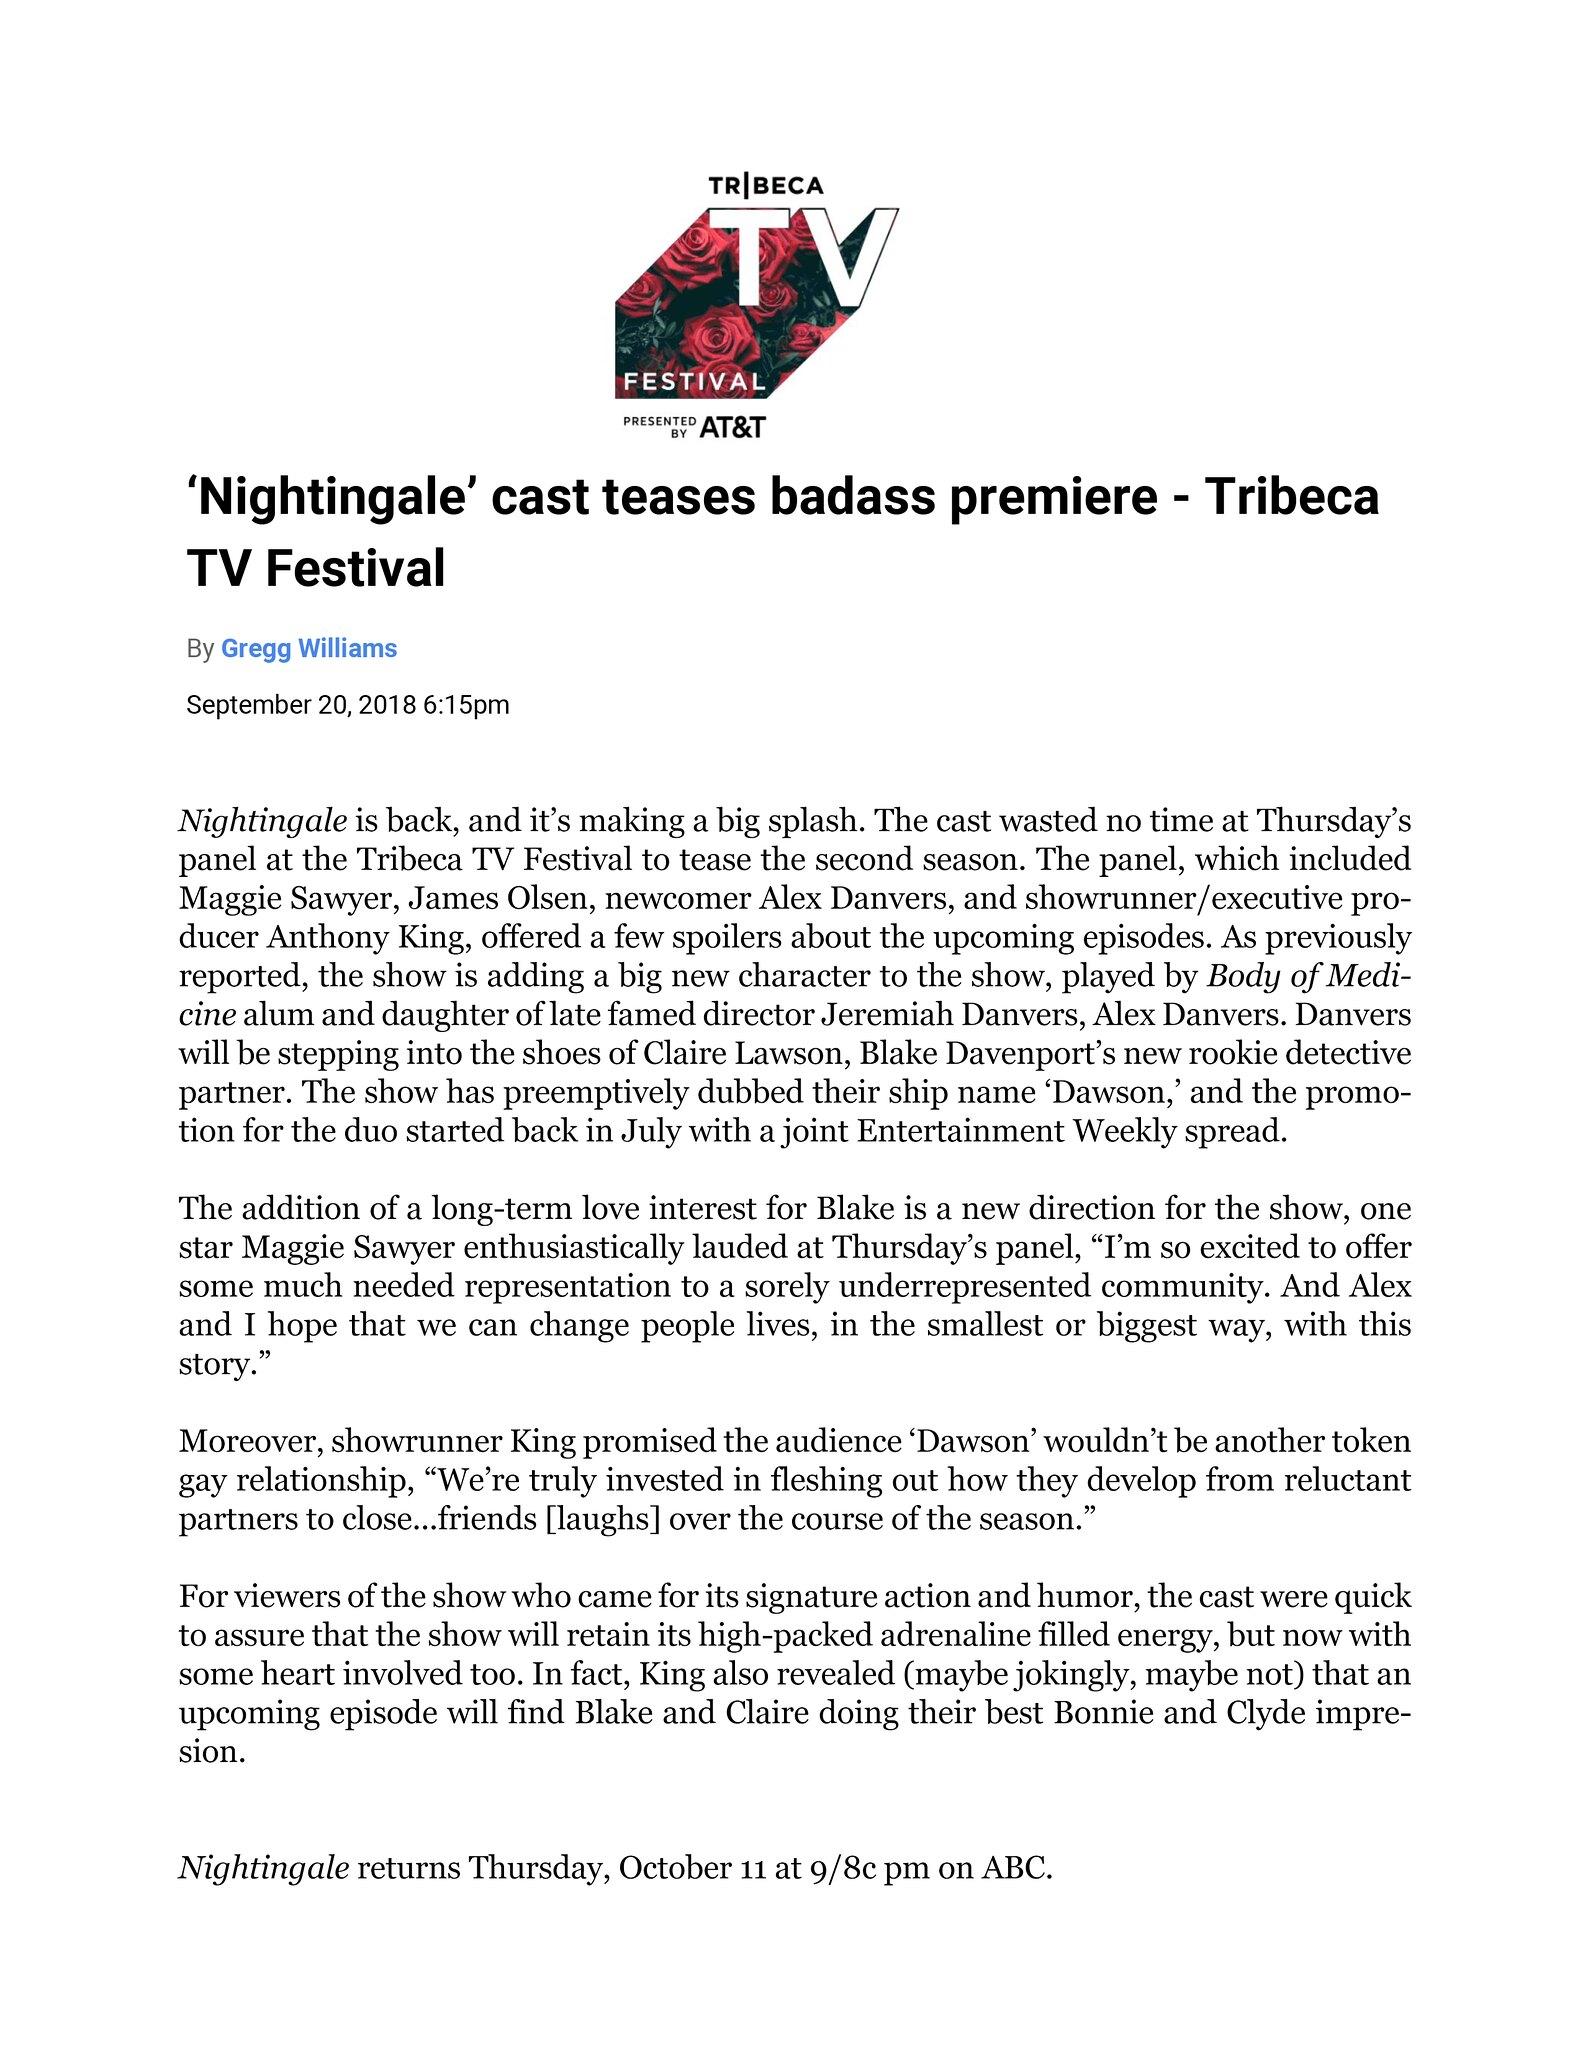 tribecatvfestival